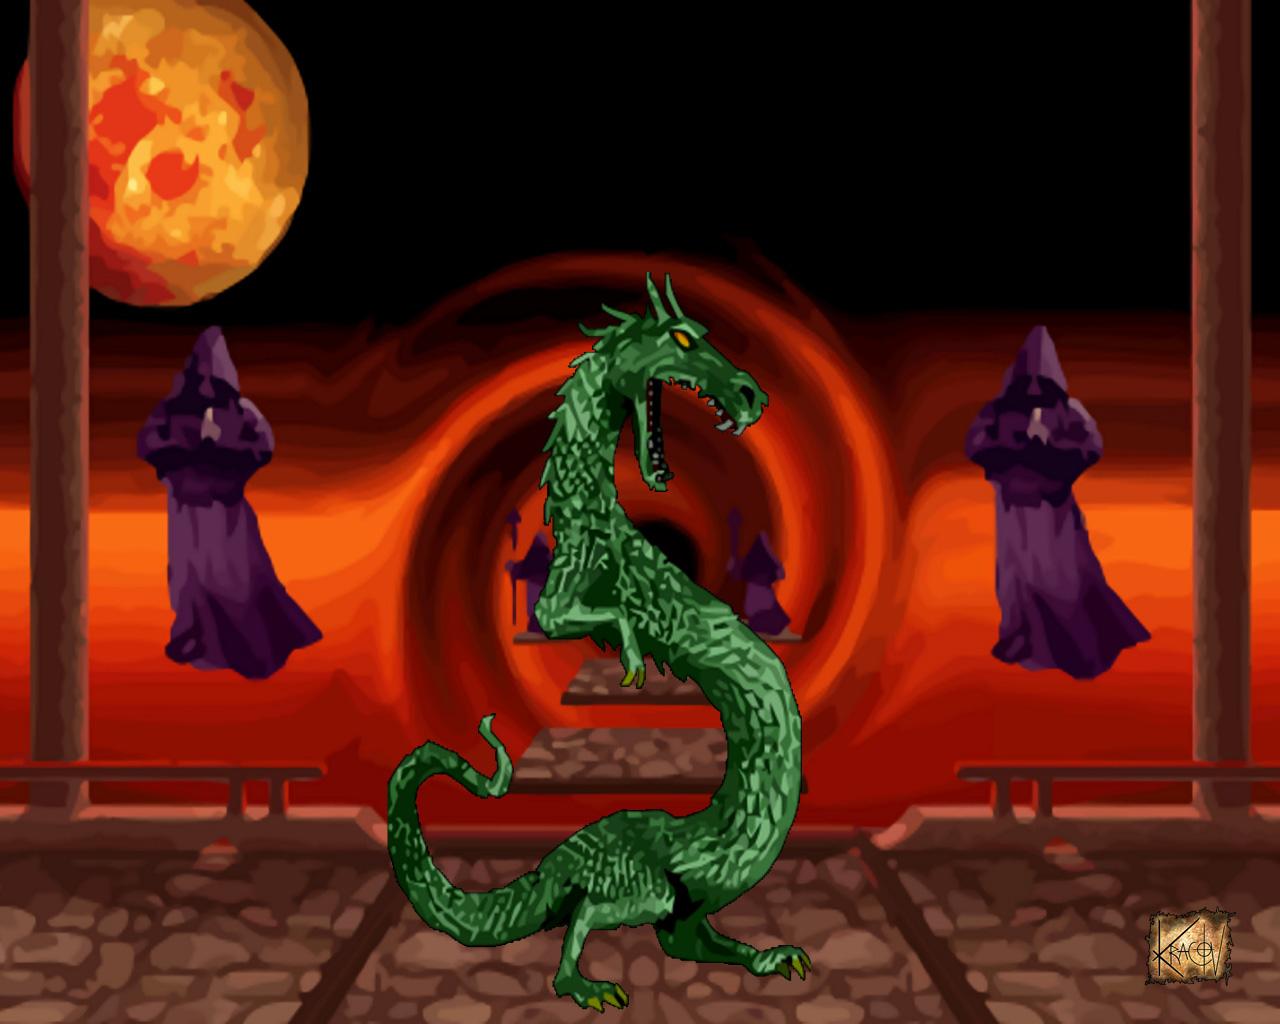 Mortal Kombat Dragon: Kracov's Game Art